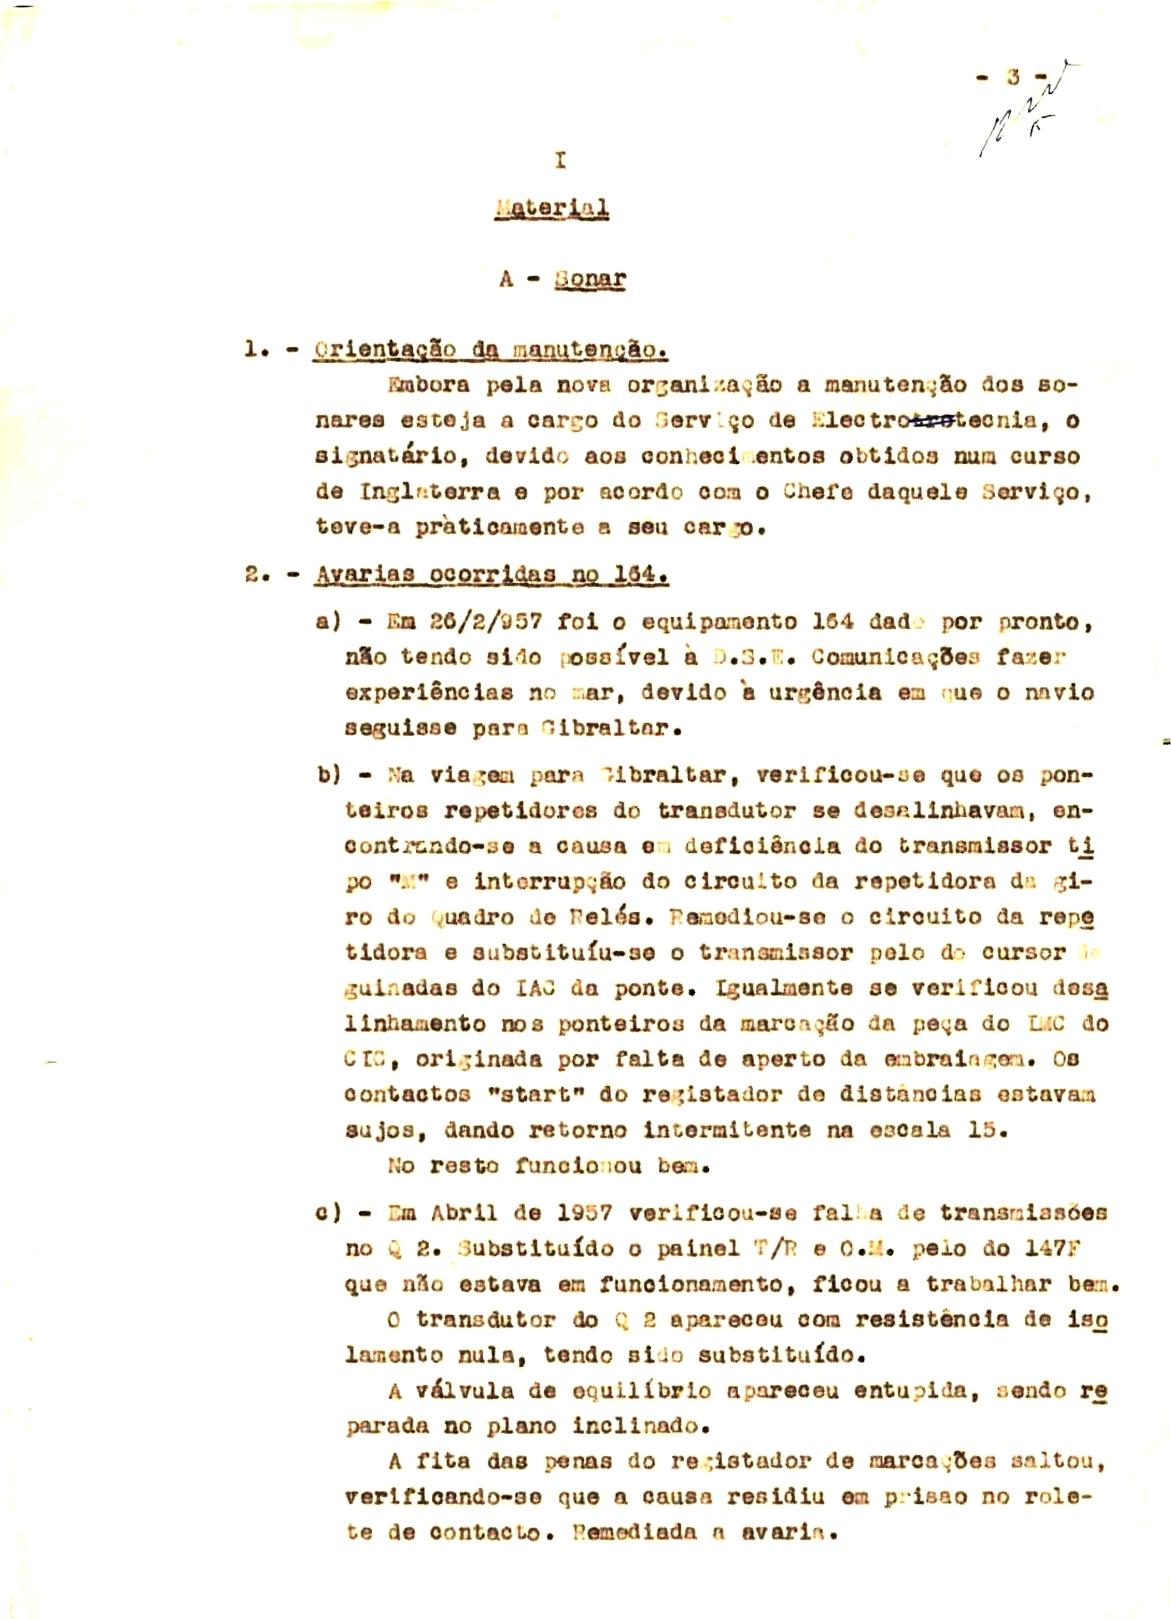 00340 57-10-21 cópia do Relatório do Chefe do Serviço de Armas Submarina do CT Vouga 1º Ten Nunes da Silva-3